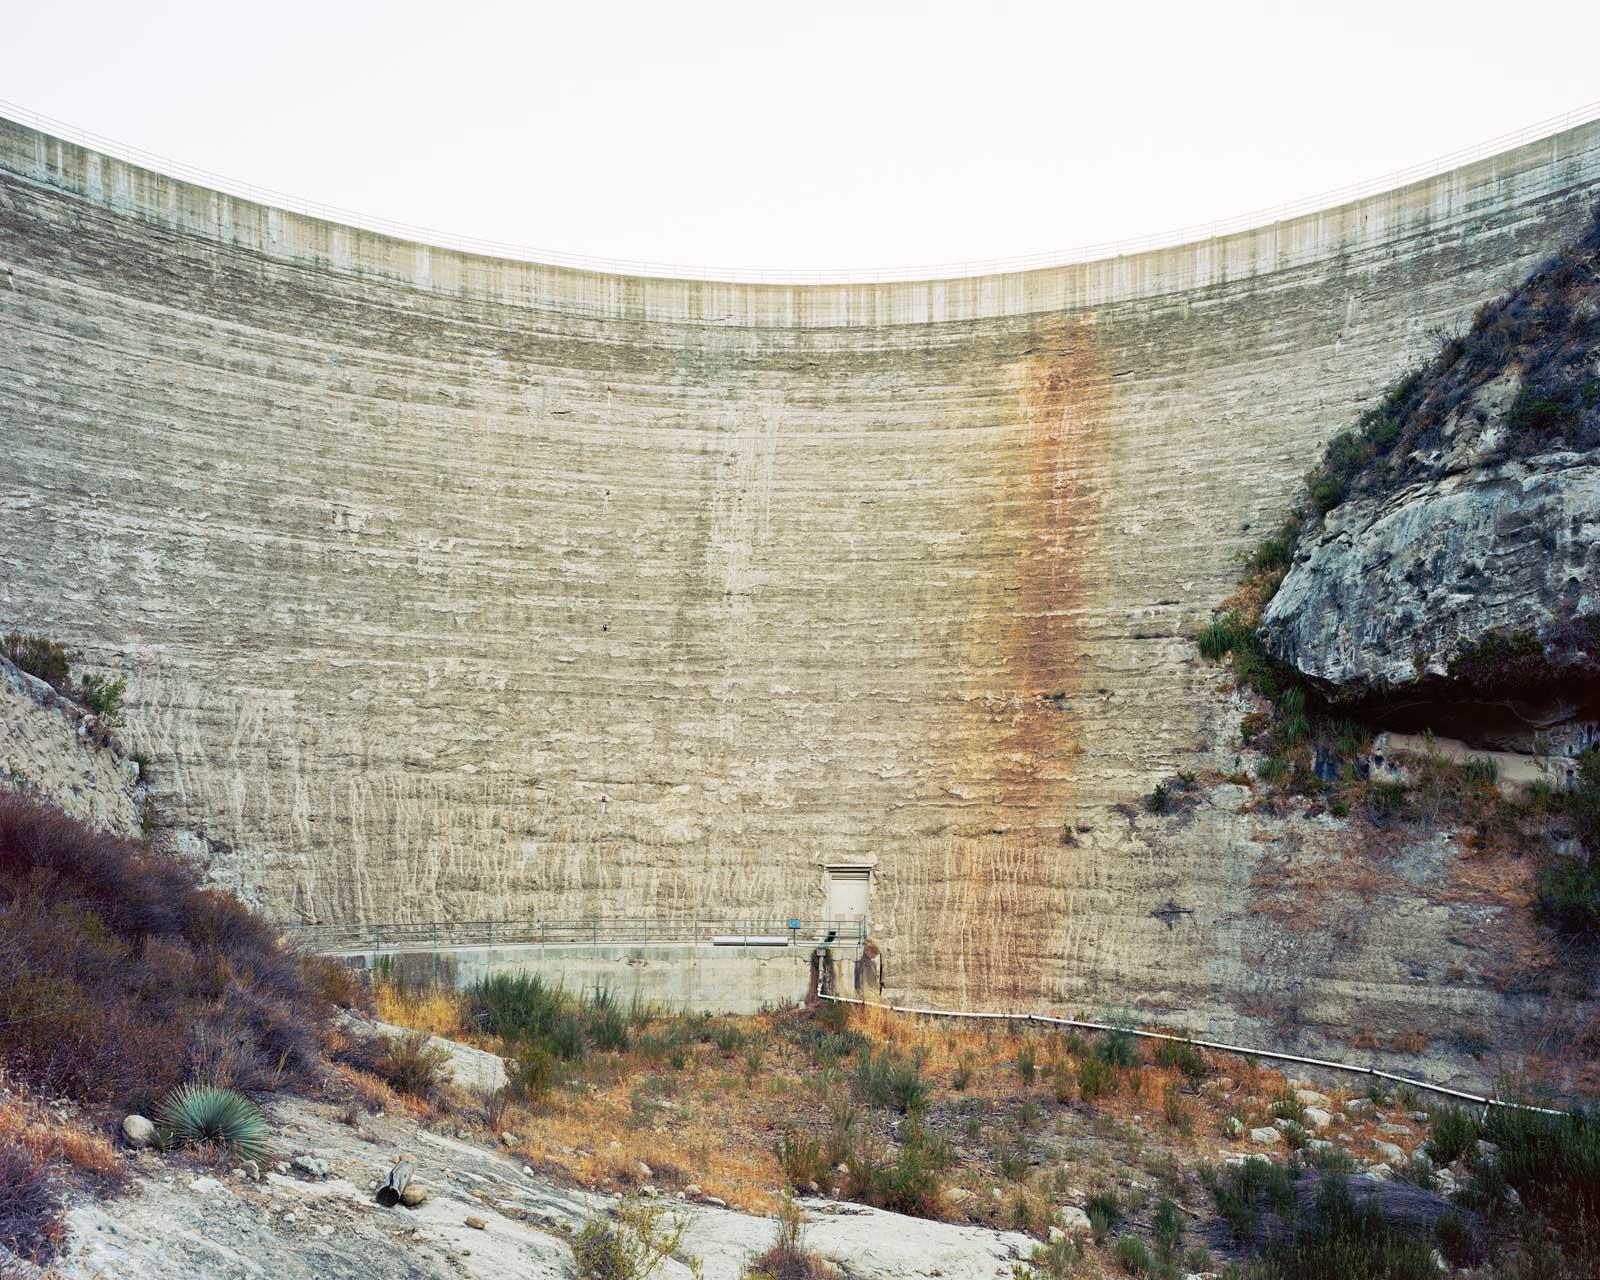 Gibraltar Dam, California 2014.